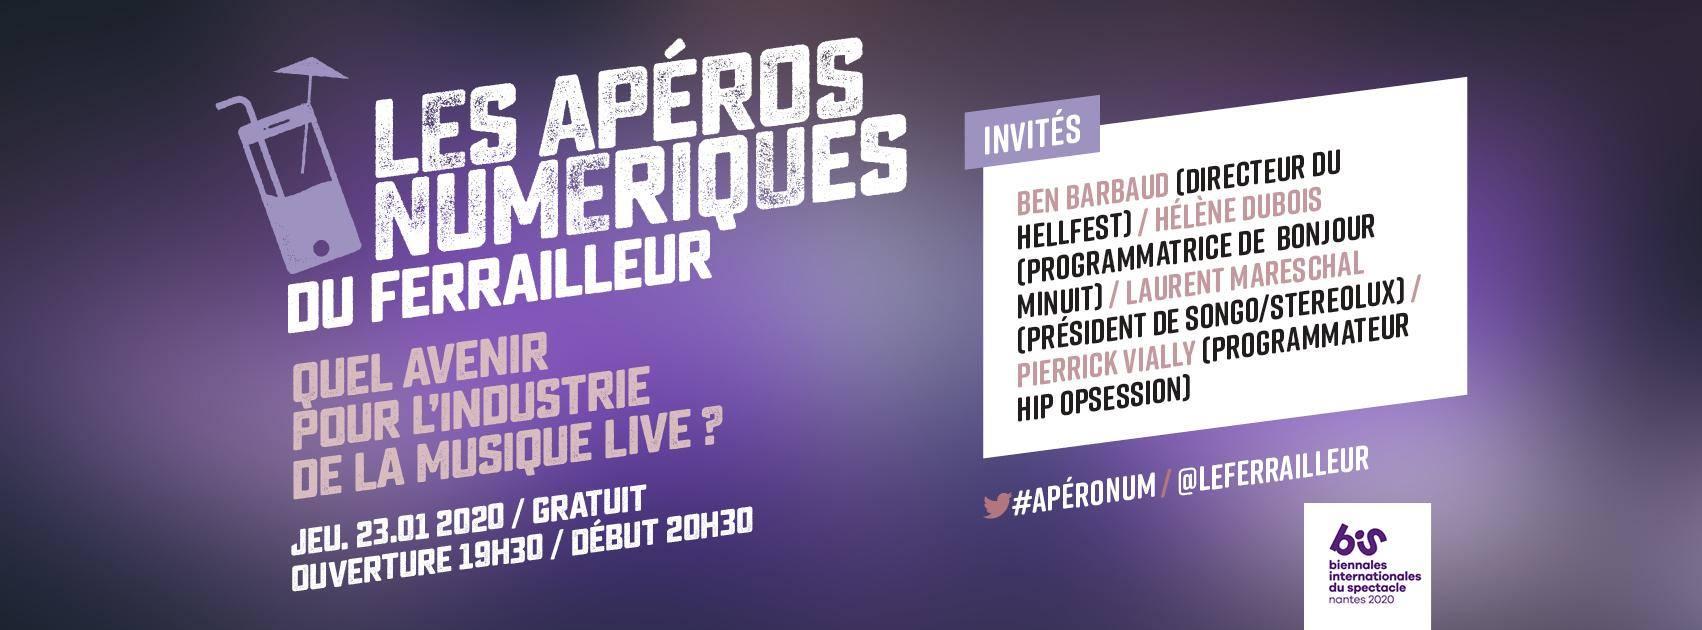 Rappel : le nouvel Apéro Numérique du Ferailleur intitulé «Quel avenir pour l'industrie de la musique live ?» se tiendra demain 23 janvier